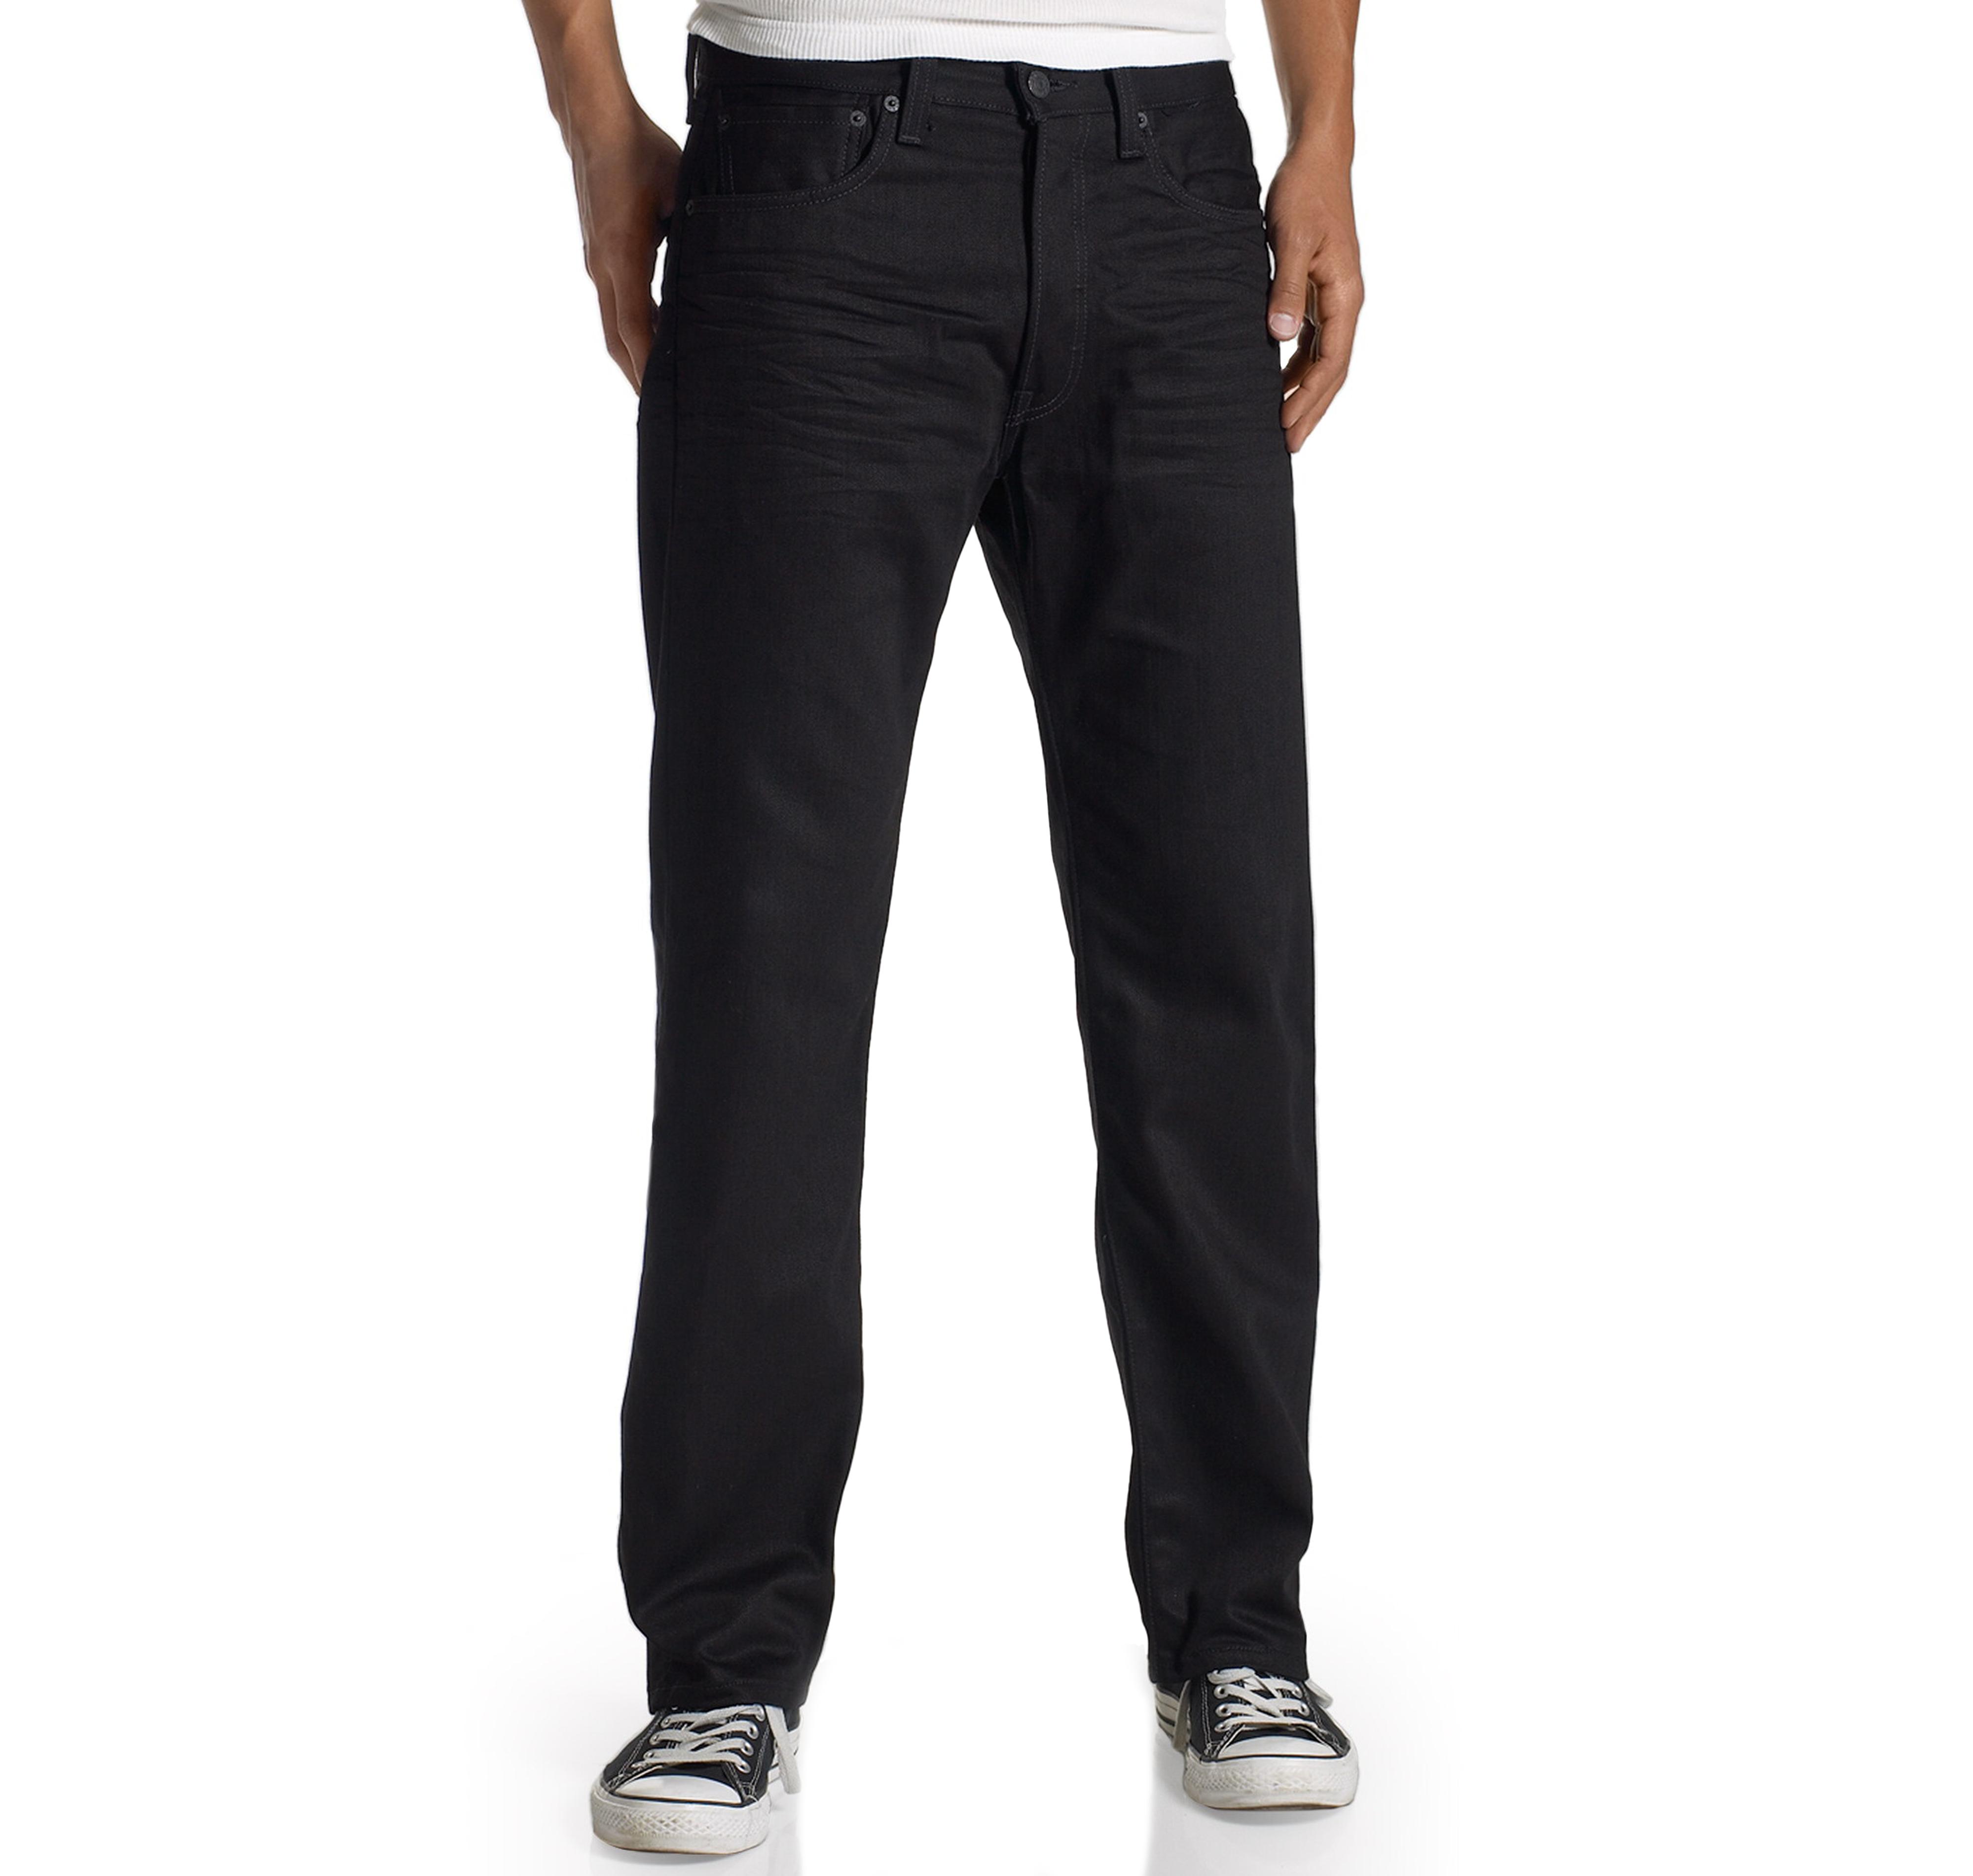 6e3a884c82d Levi's 501 Original-Fit Polished Black Jeans | Fashion | Jeans fit ...